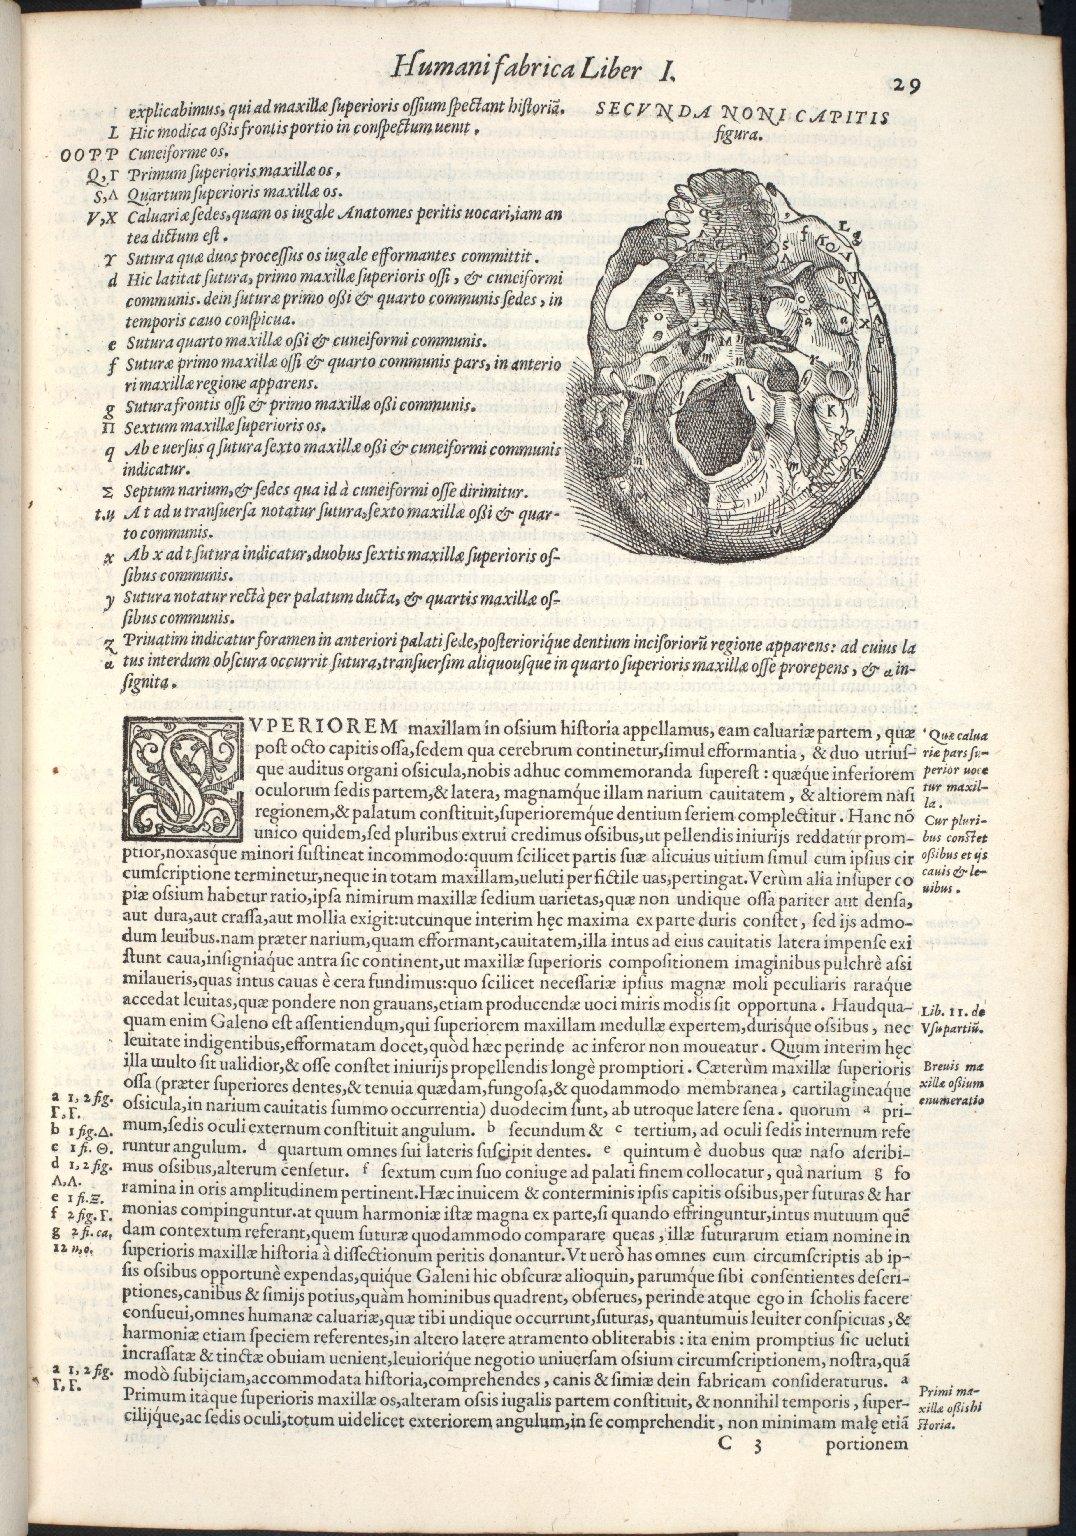 De Duodecim Superioris Maxillae ossibus, in quorum classem nasi ossa etiam referuntur, Caput IX, Fig.II